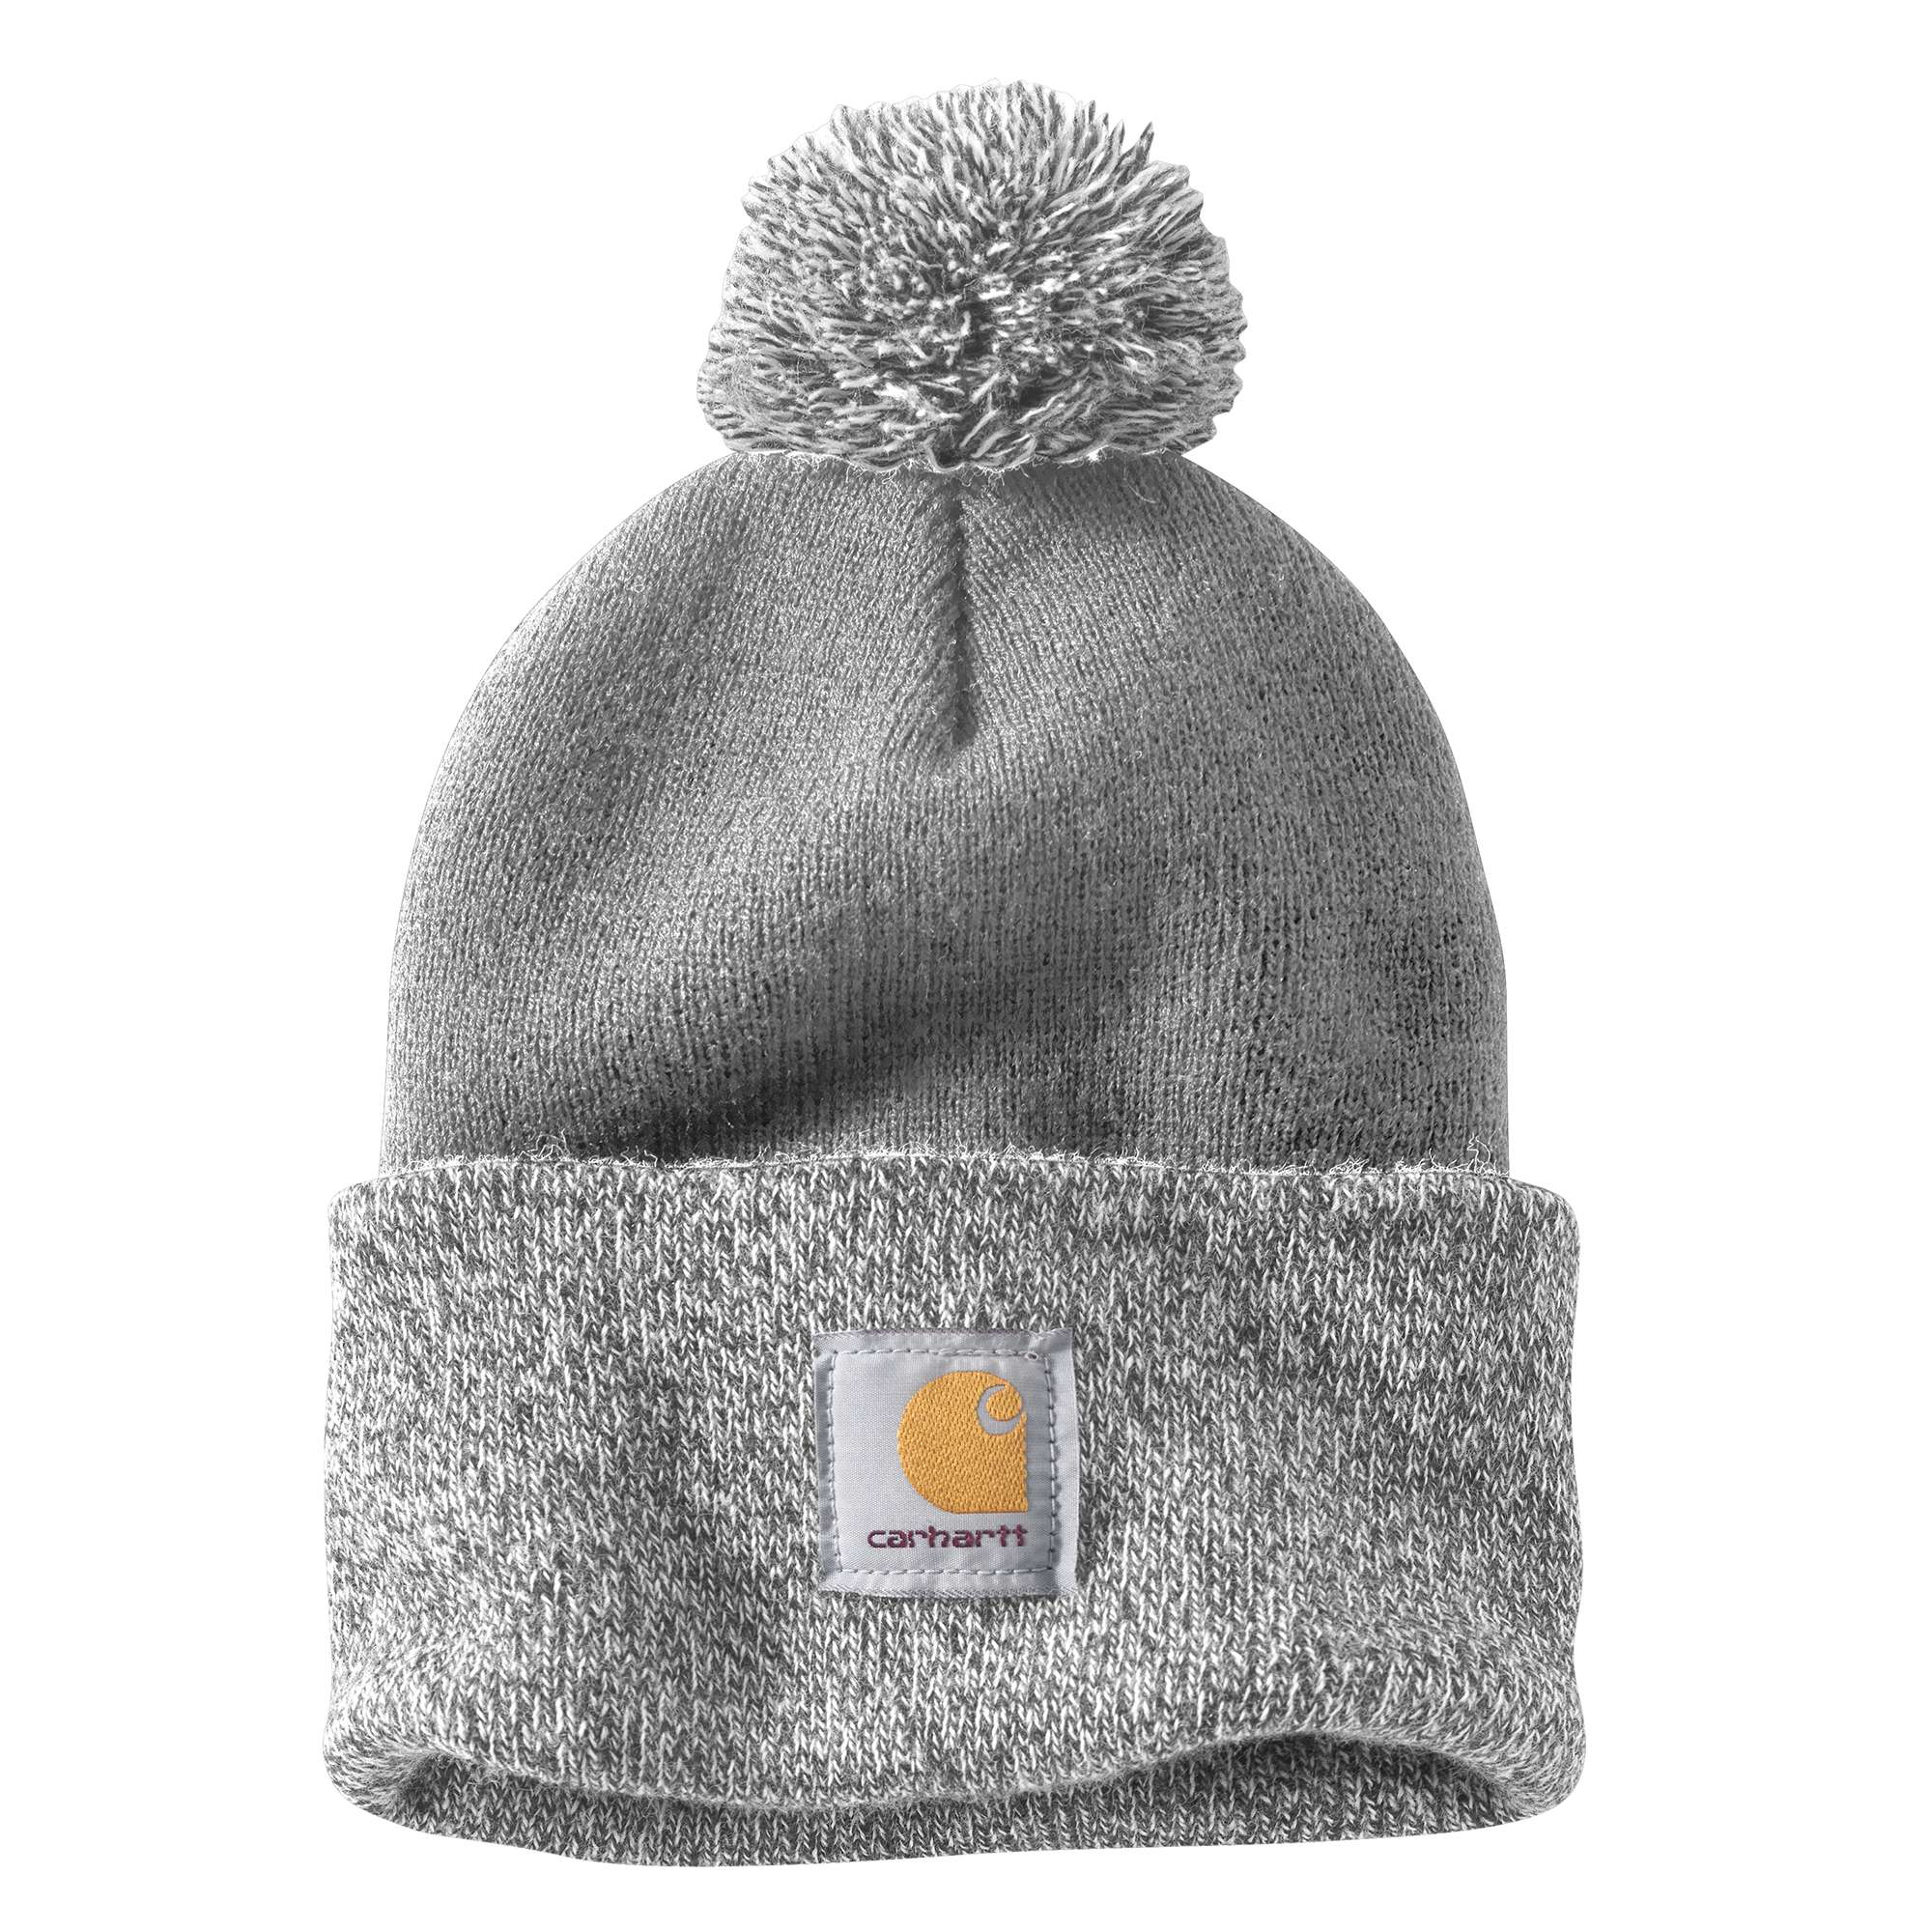 2b09219ef Carhartt Acrylic Lookout Hat - Women's